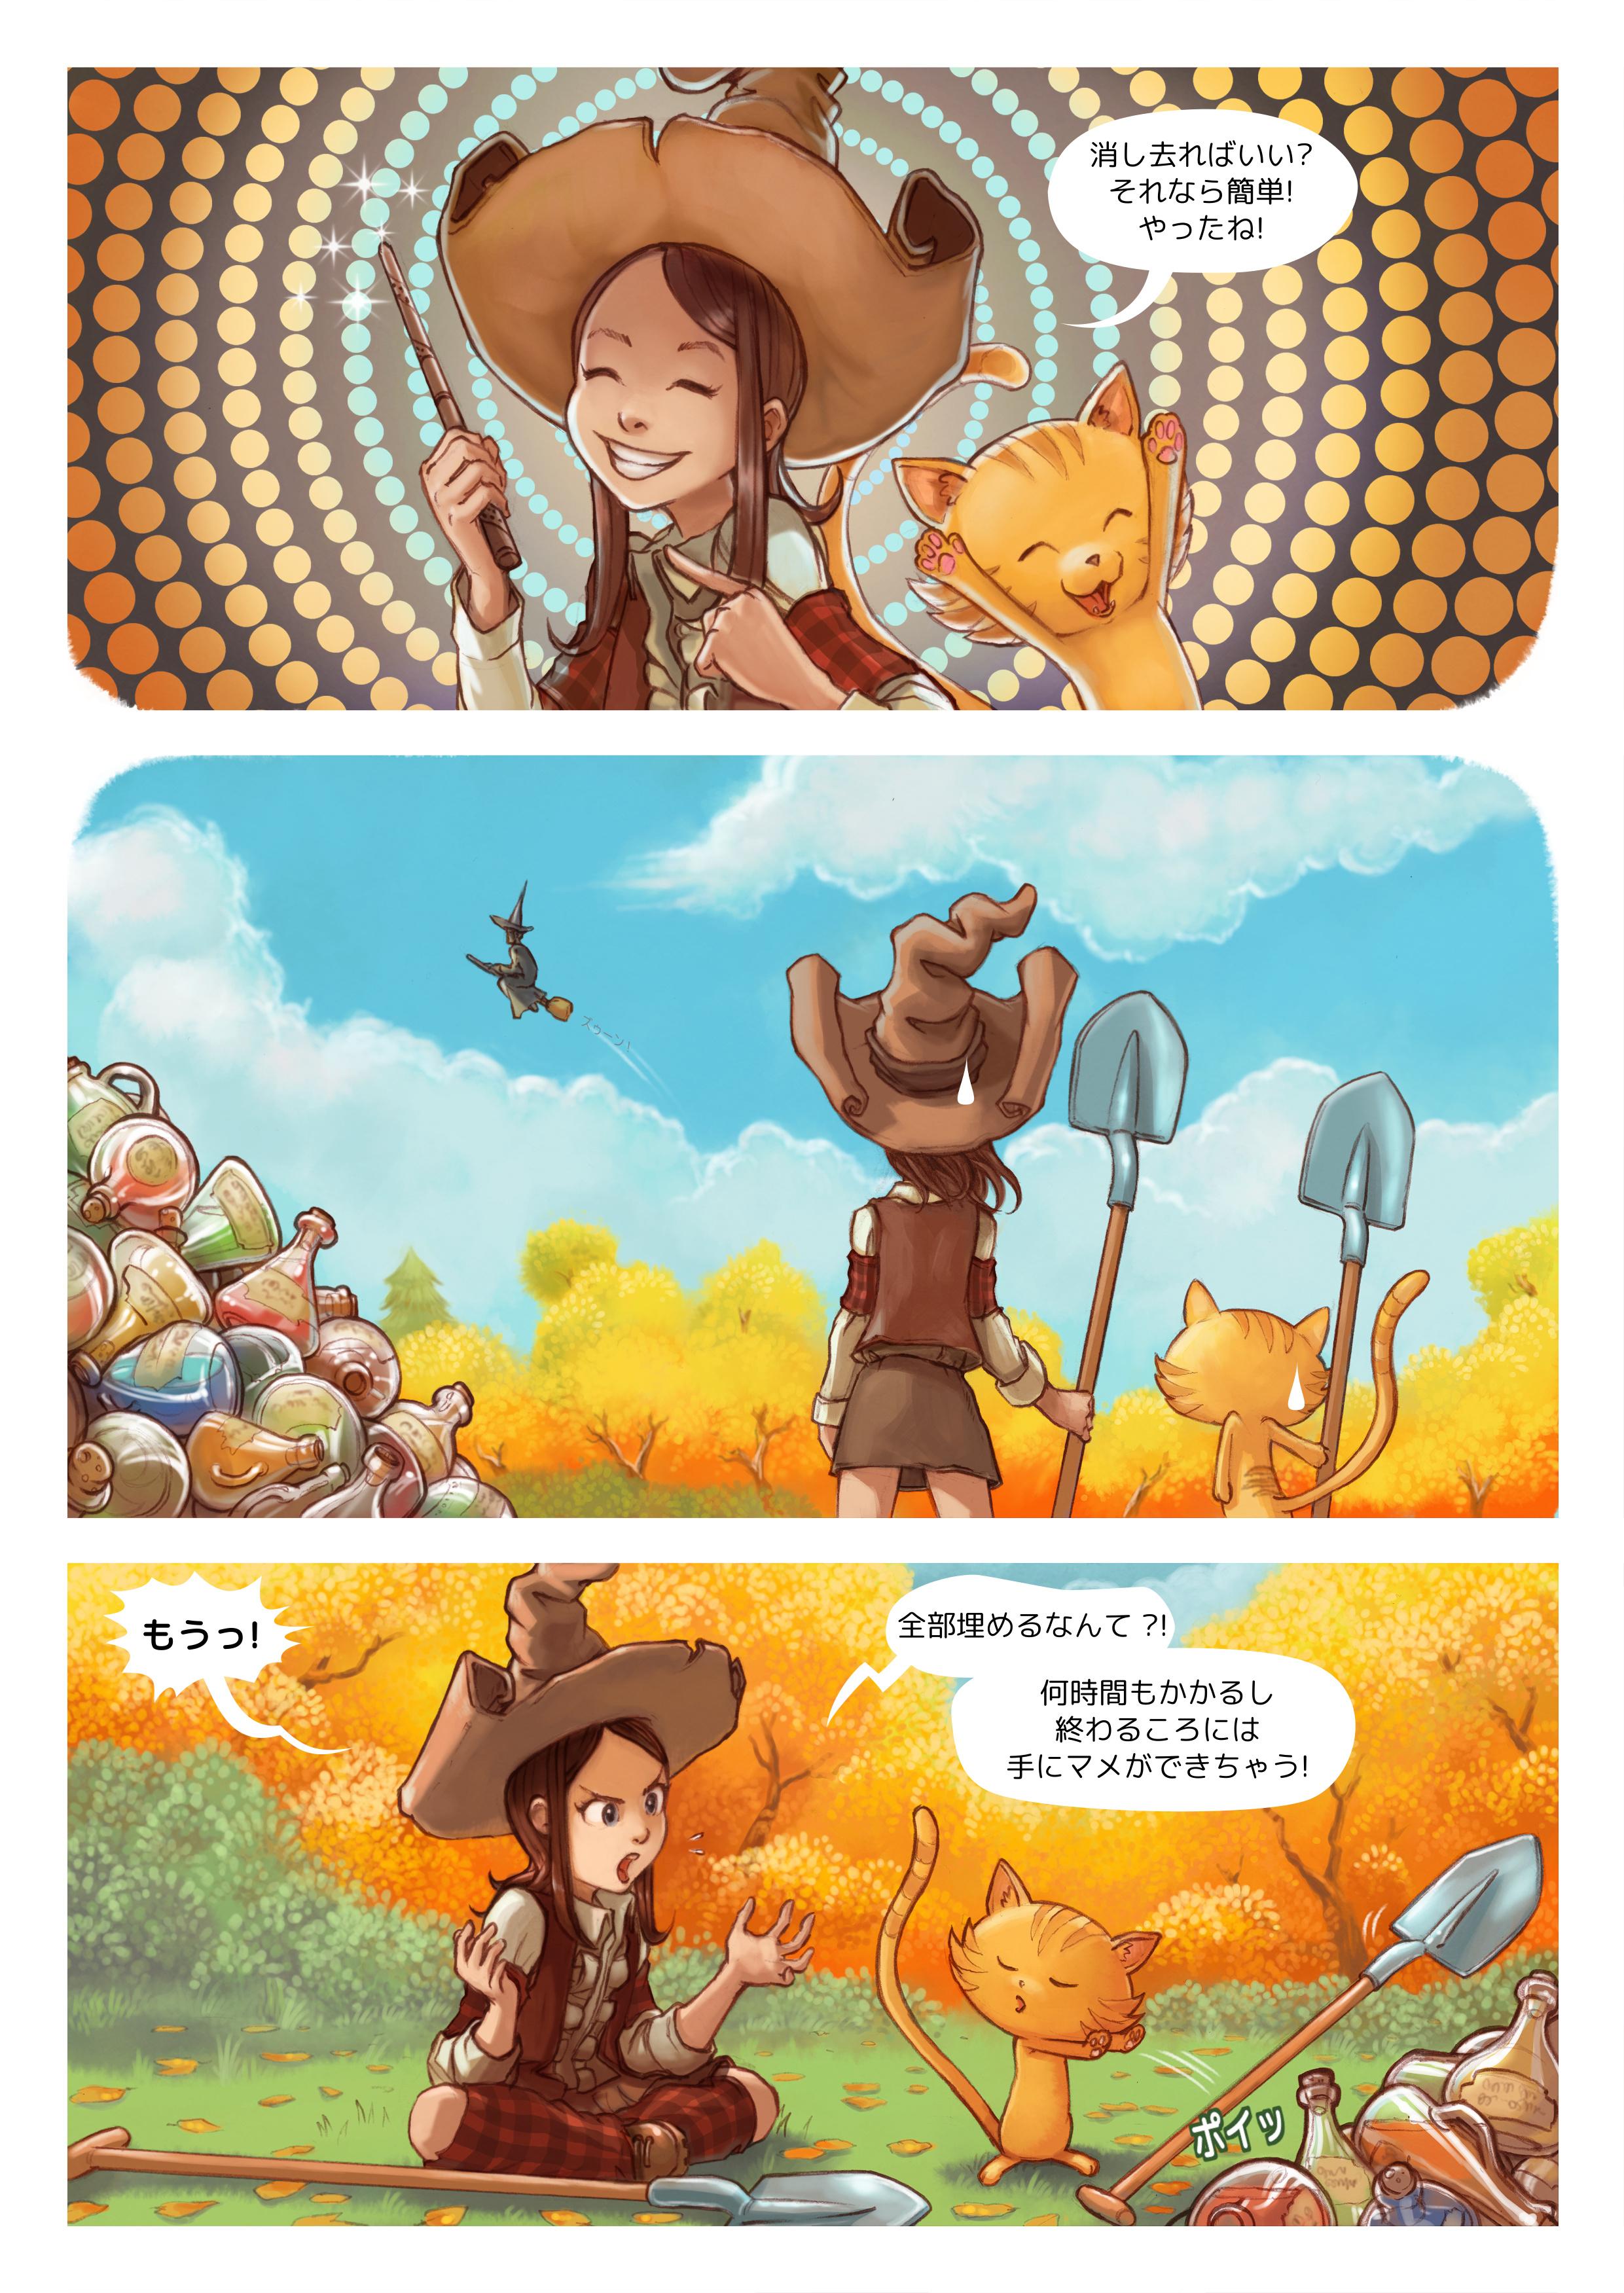 エピソード 12: 秋の大掃除, ページ 2